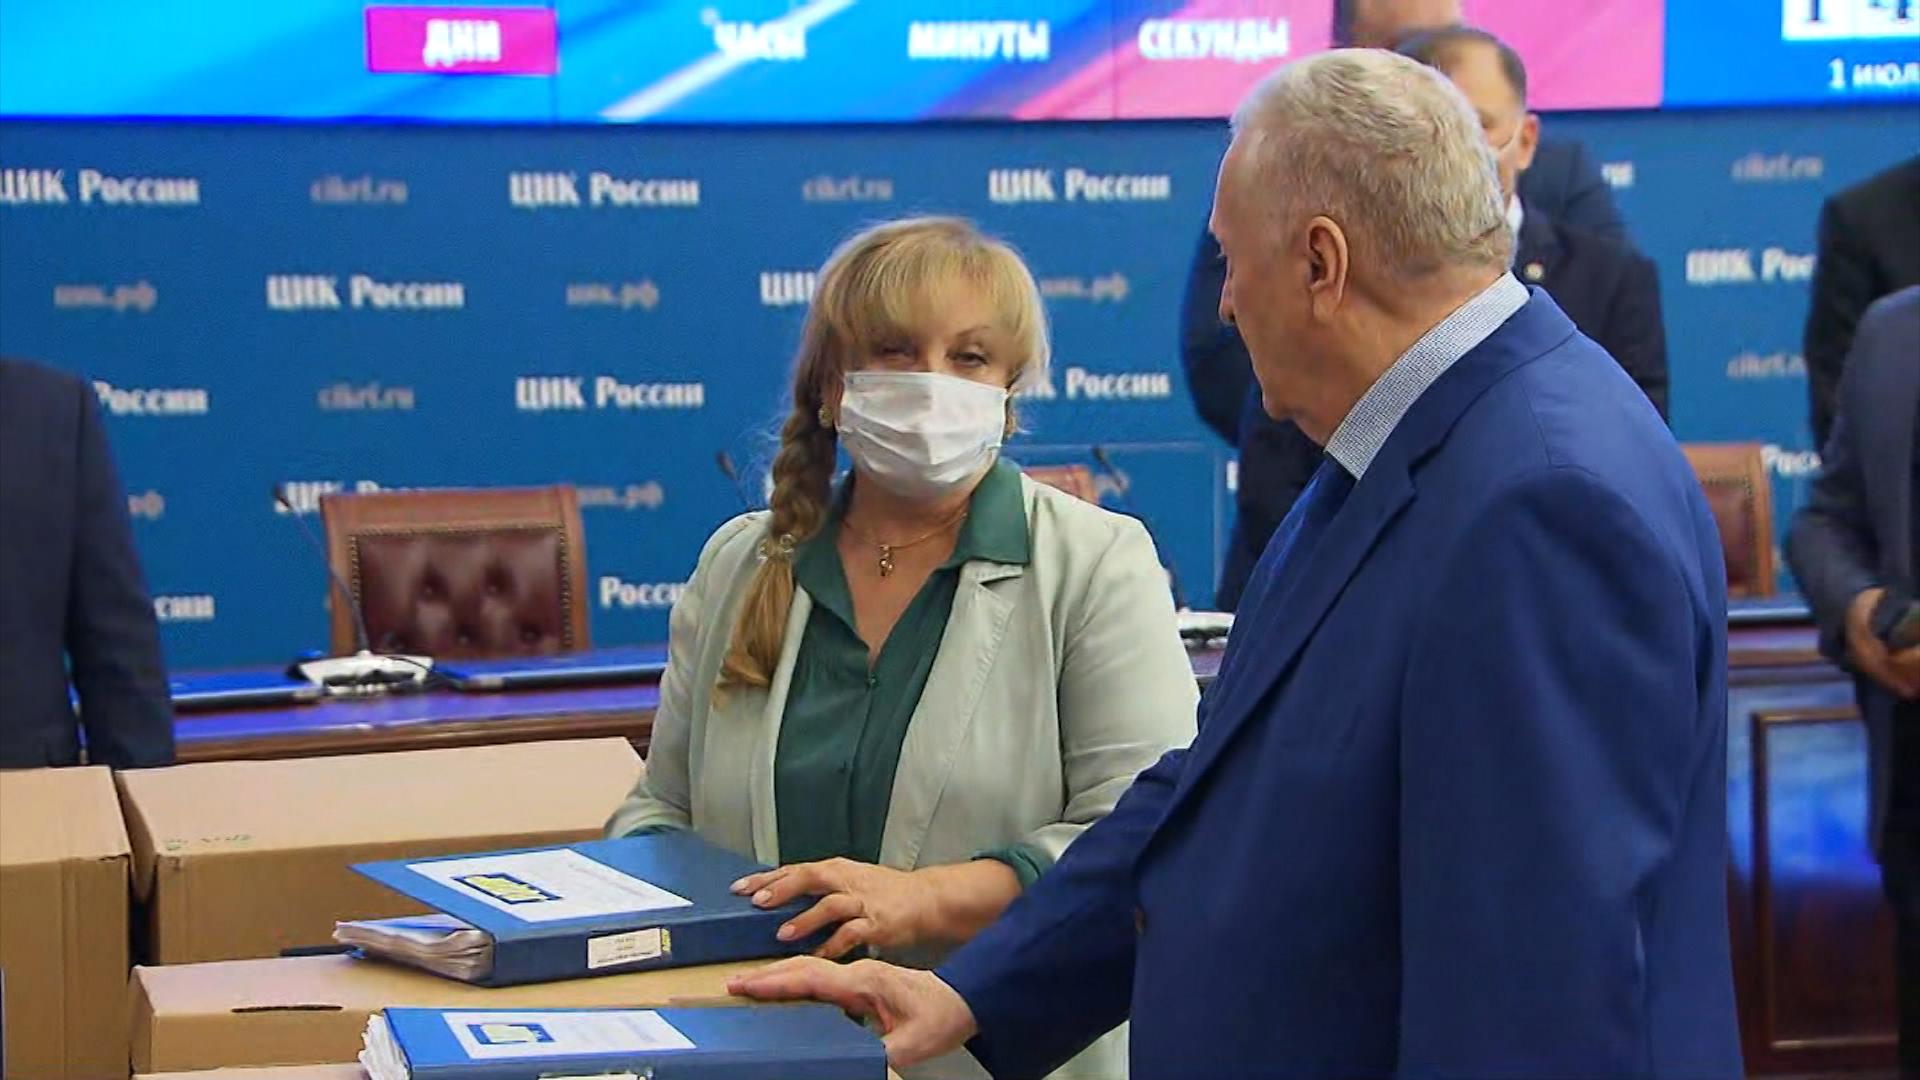 Во время официальной процедуры подачи документов партии ЛДПР на регистрацию